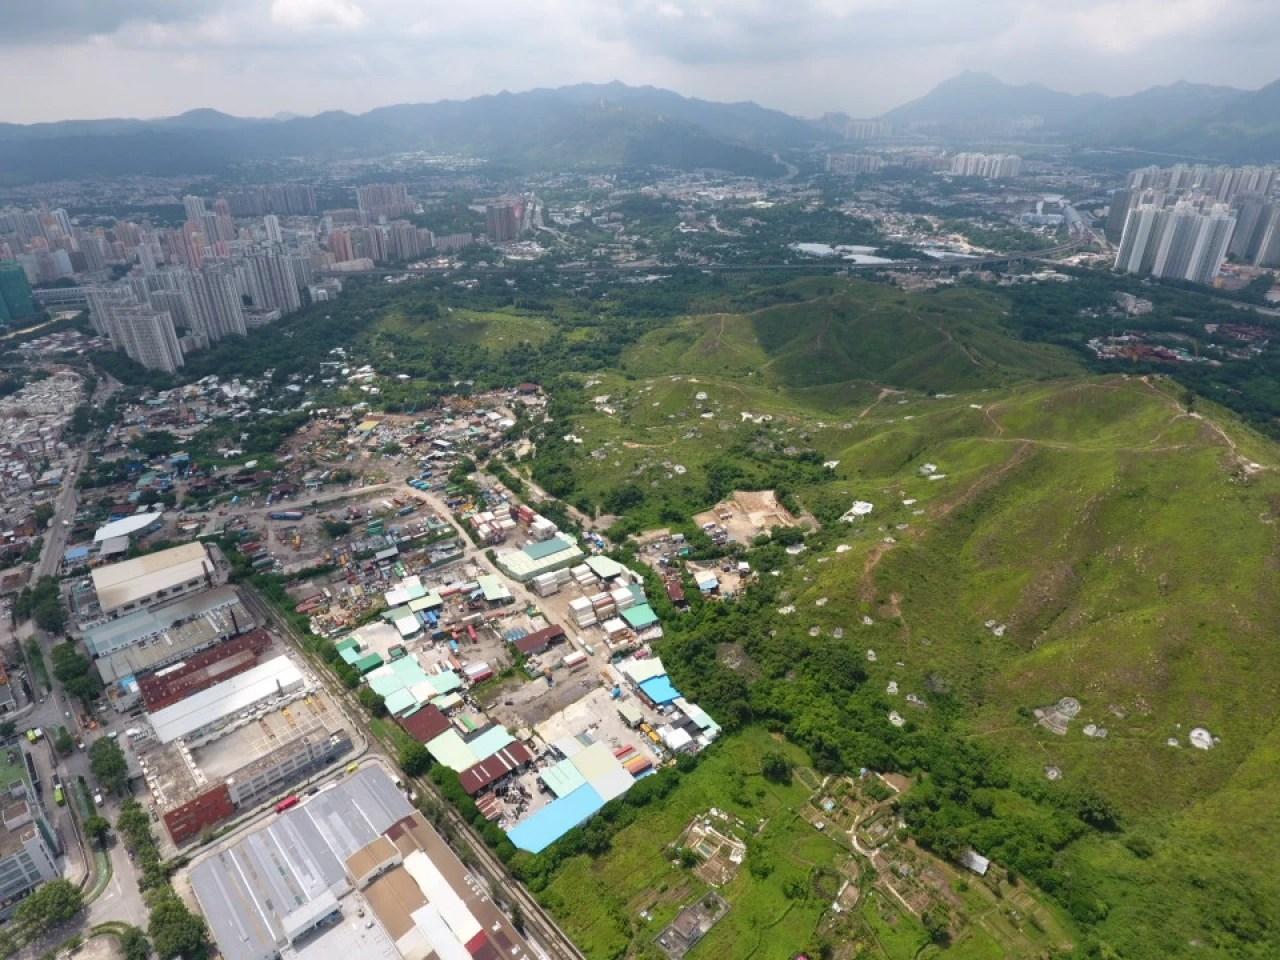 元朗橫洲公屋發展風波 | 香港網絡大典 | FANDOM powered by Wikia